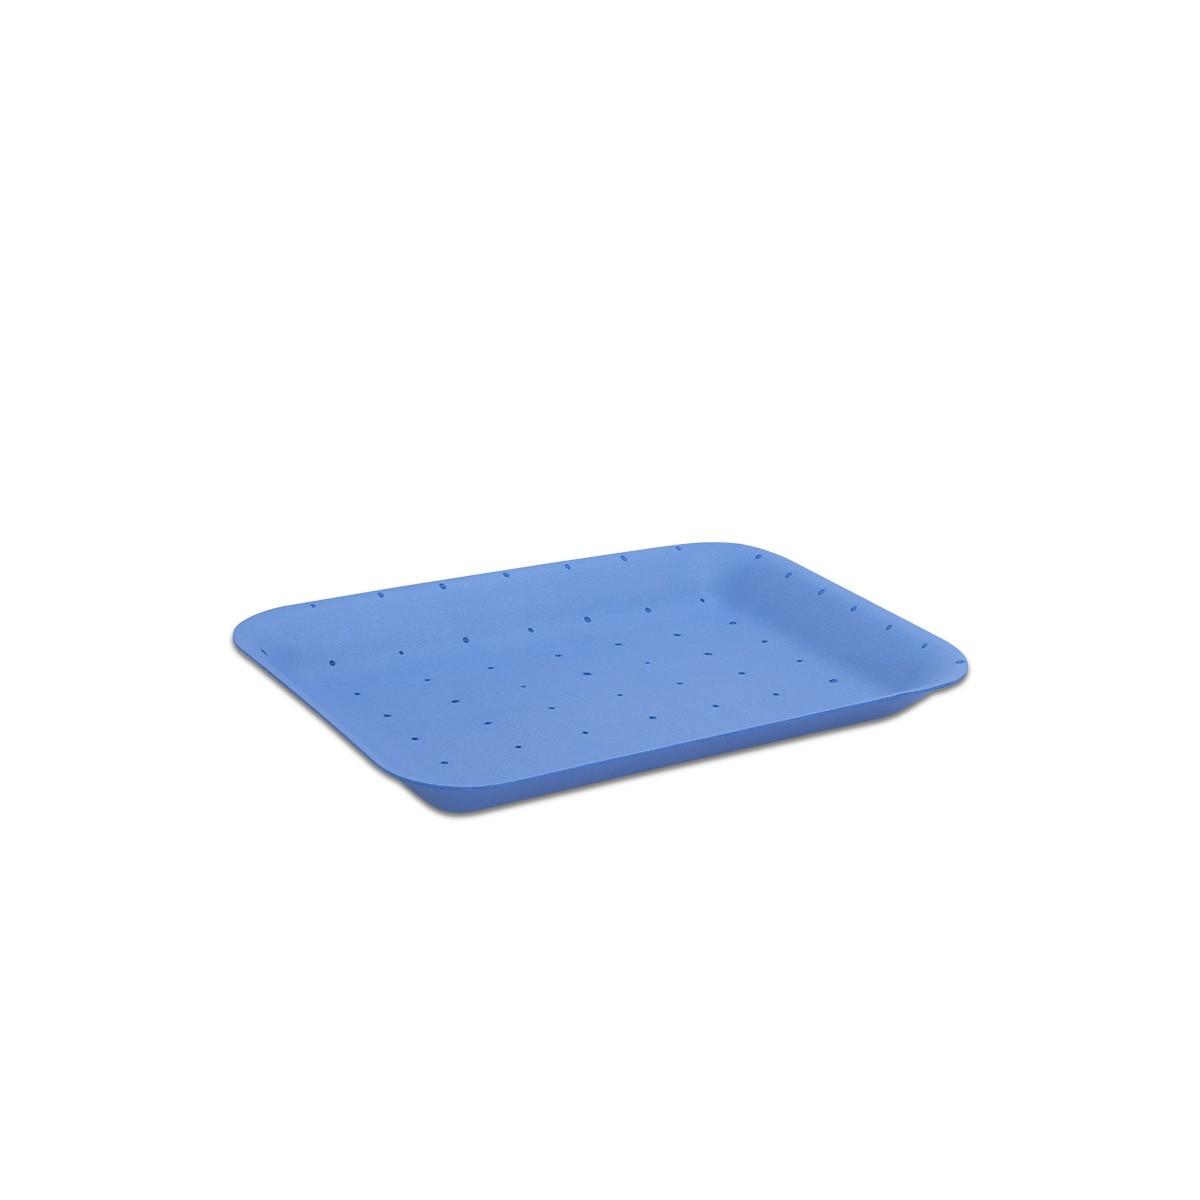 Foam Tray 216x152x20mm - Absorbent/Blue | 500pcs